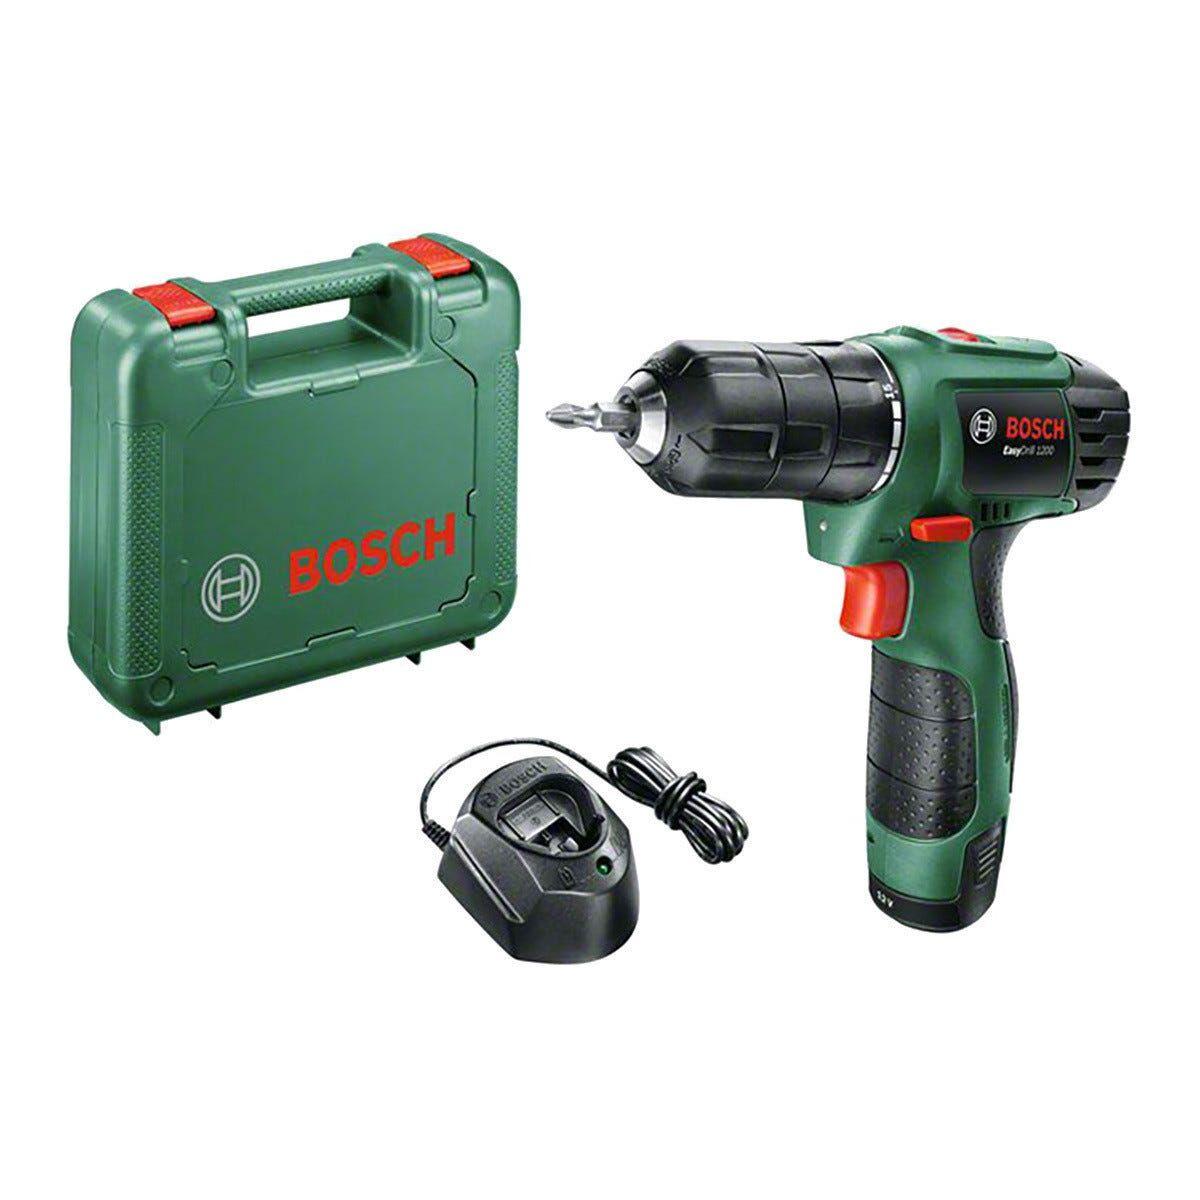 Bosch Trapano Avvitatore  12 V Easydrill 1200 2 Batterie Litio 1,5 Ah Set 38 Accessori